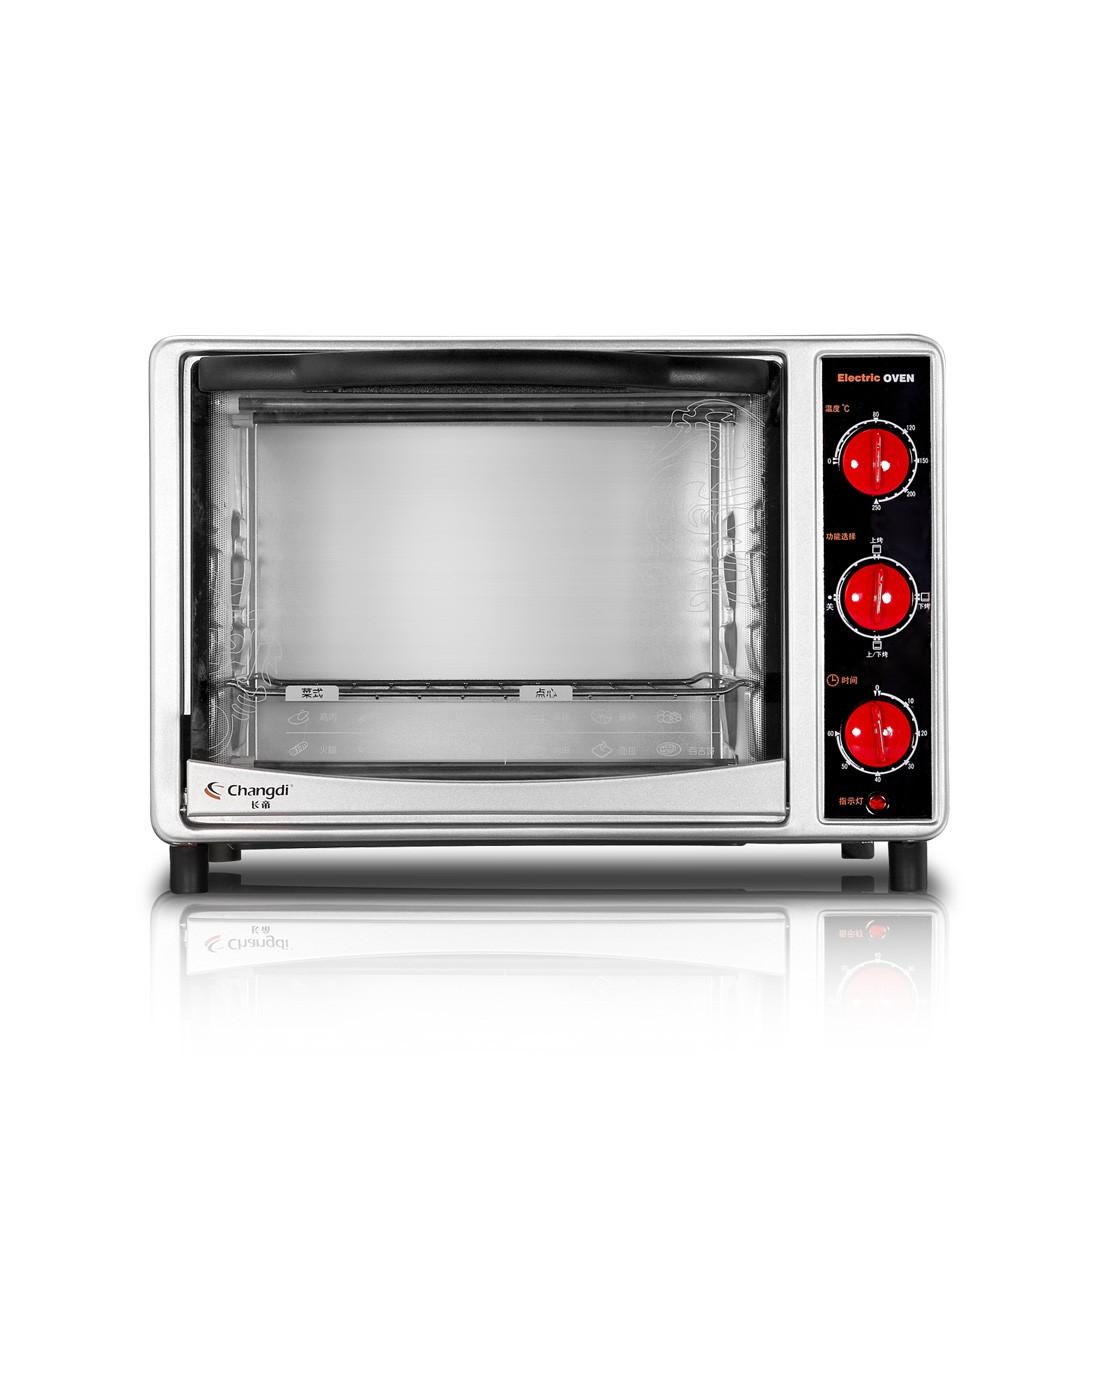 > 立体内胆多功能控制电烤箱ck-18sn